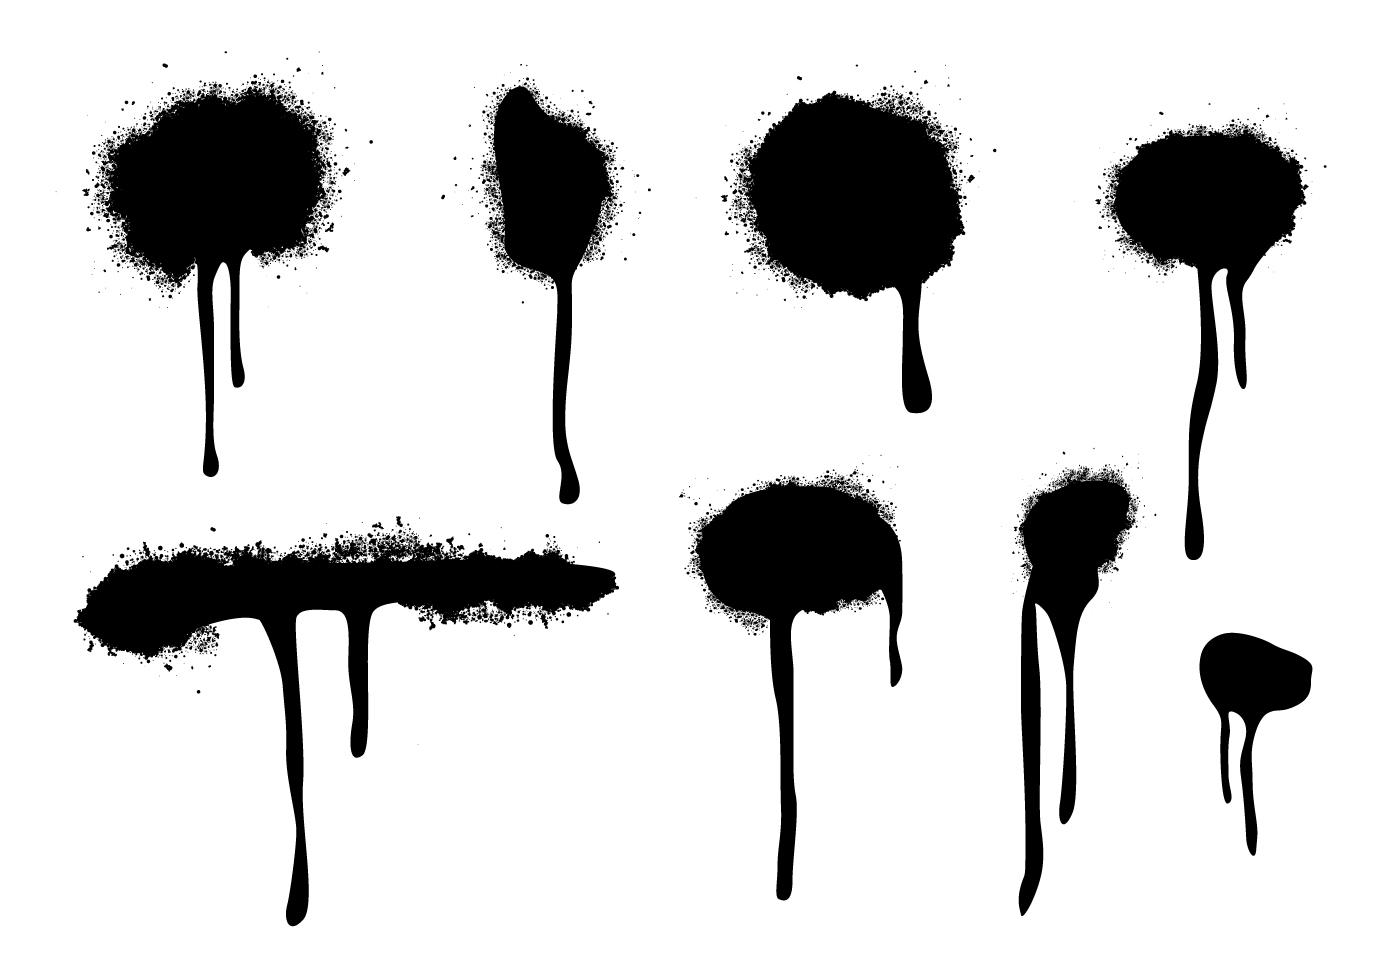 Spraypaint Drips Vectors - Download Free Vector Art, Stock ...